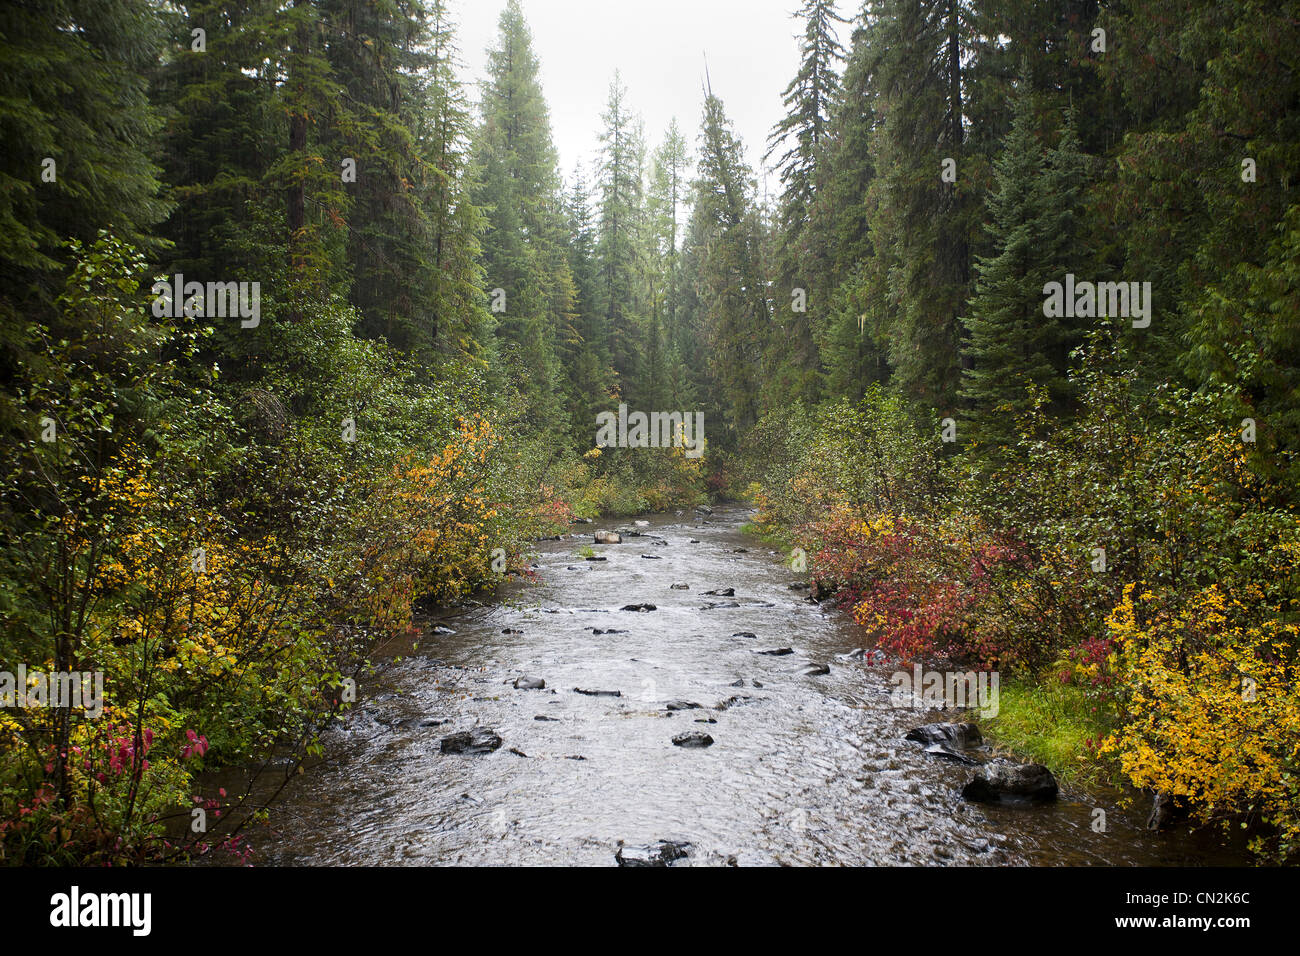 Misty River en el bosque, Montana, EE.UU. Imagen De Stock